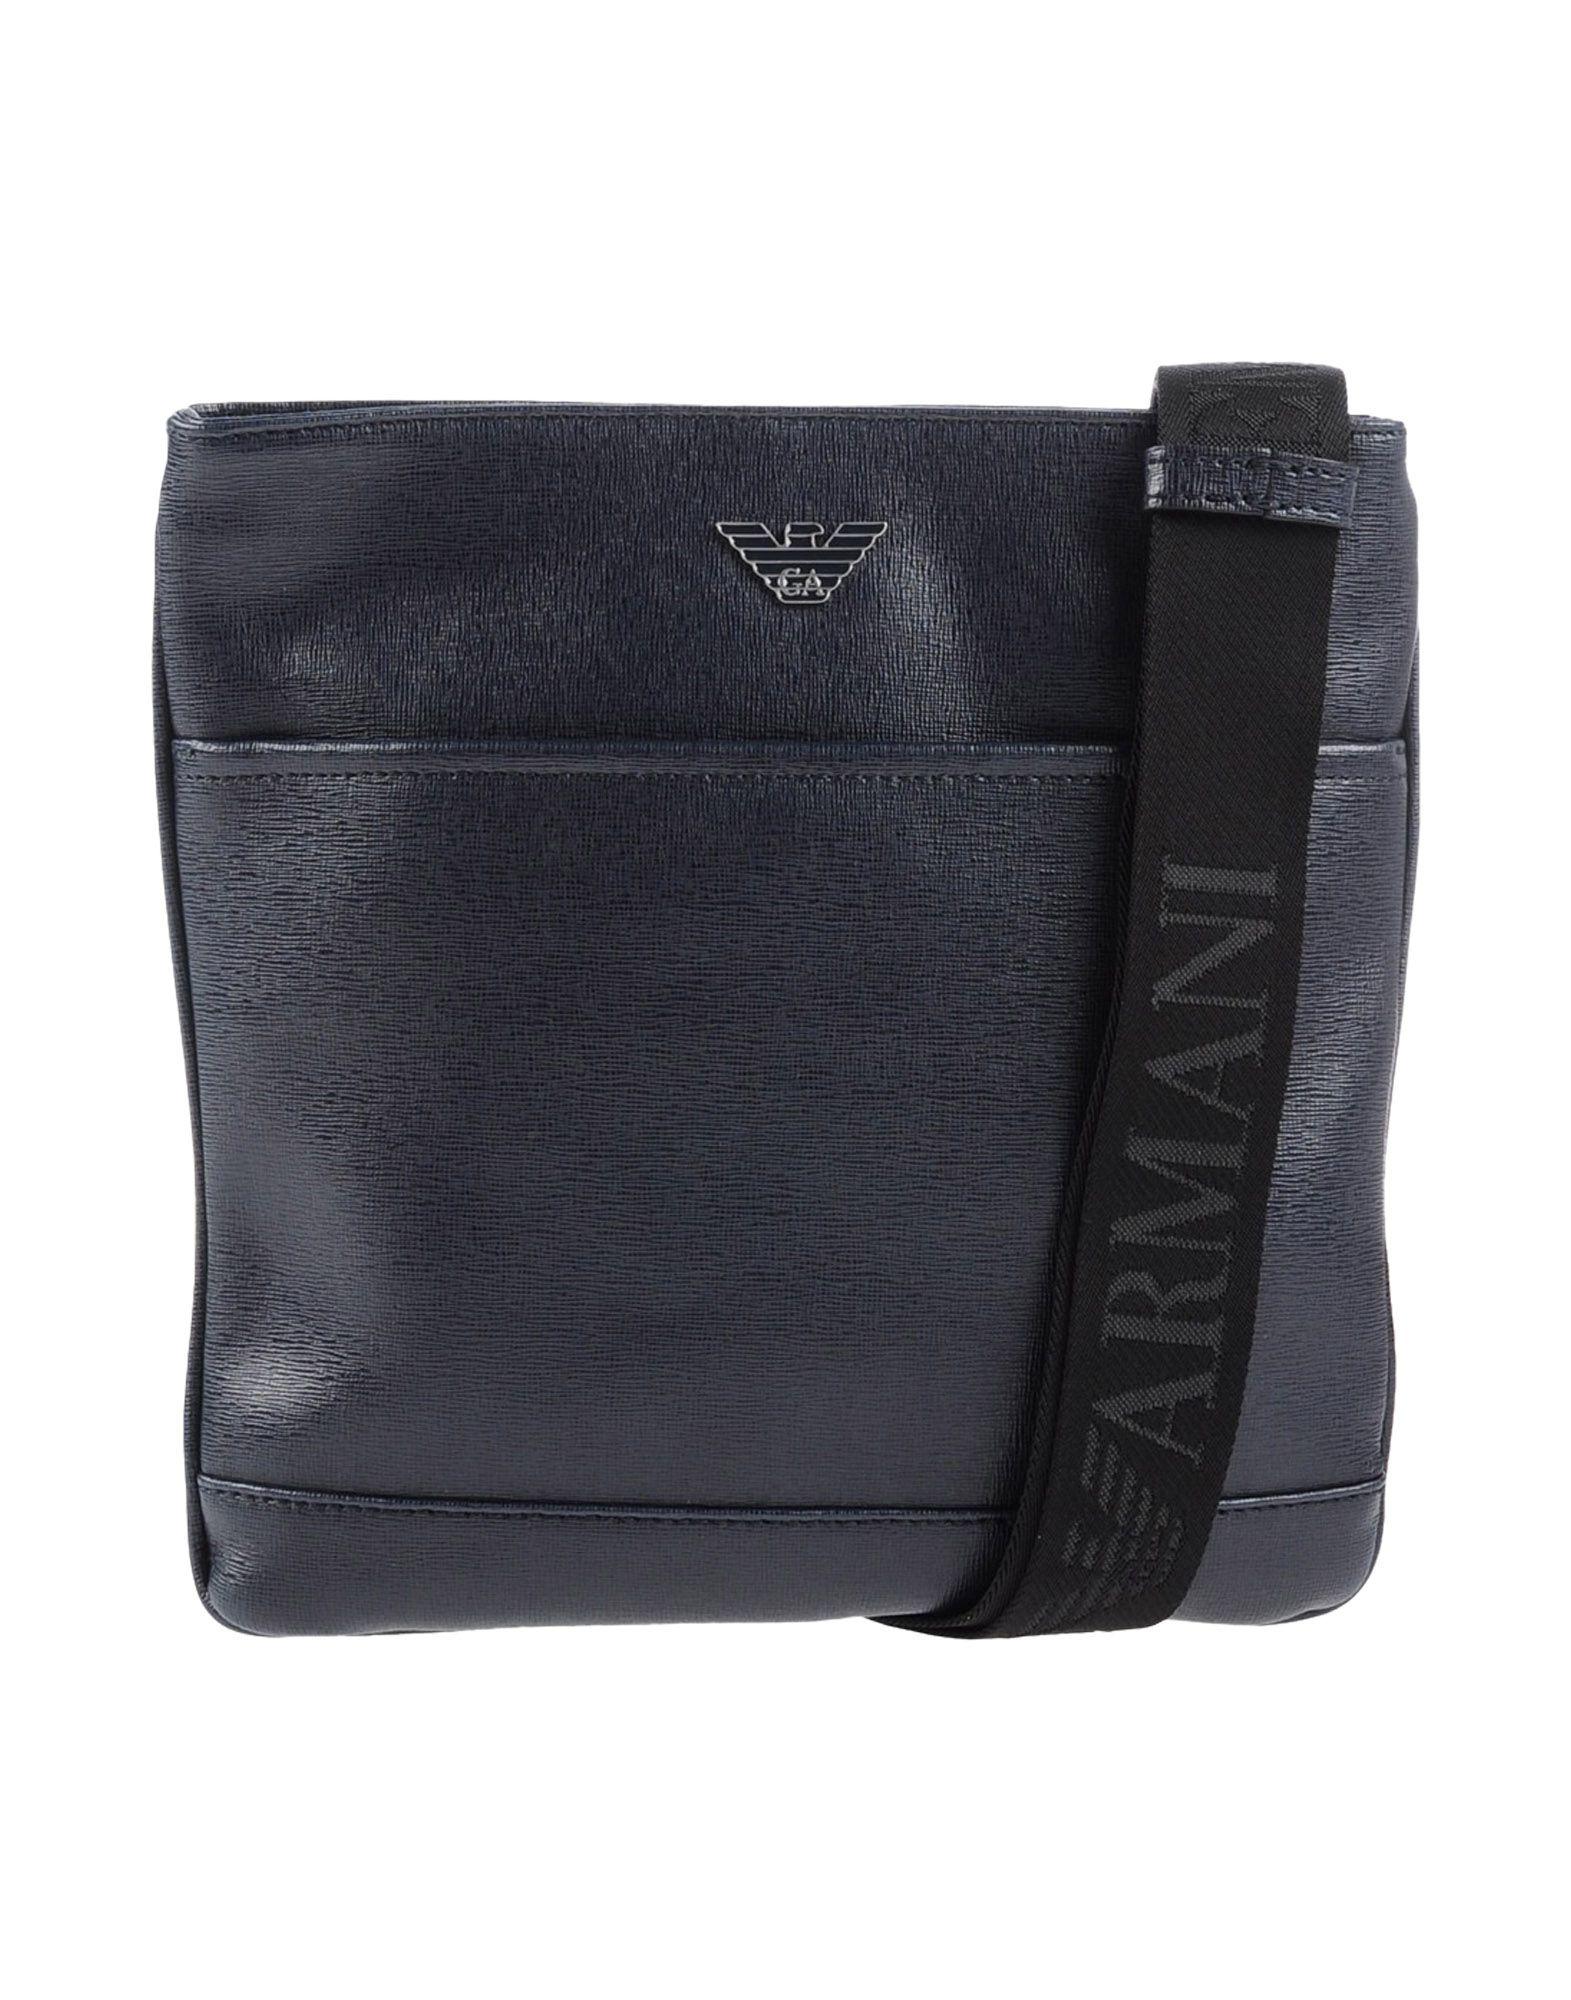 6b09e12685 Emporio Armani Leather Cross-Body Bag in Blue for Men - Lyst